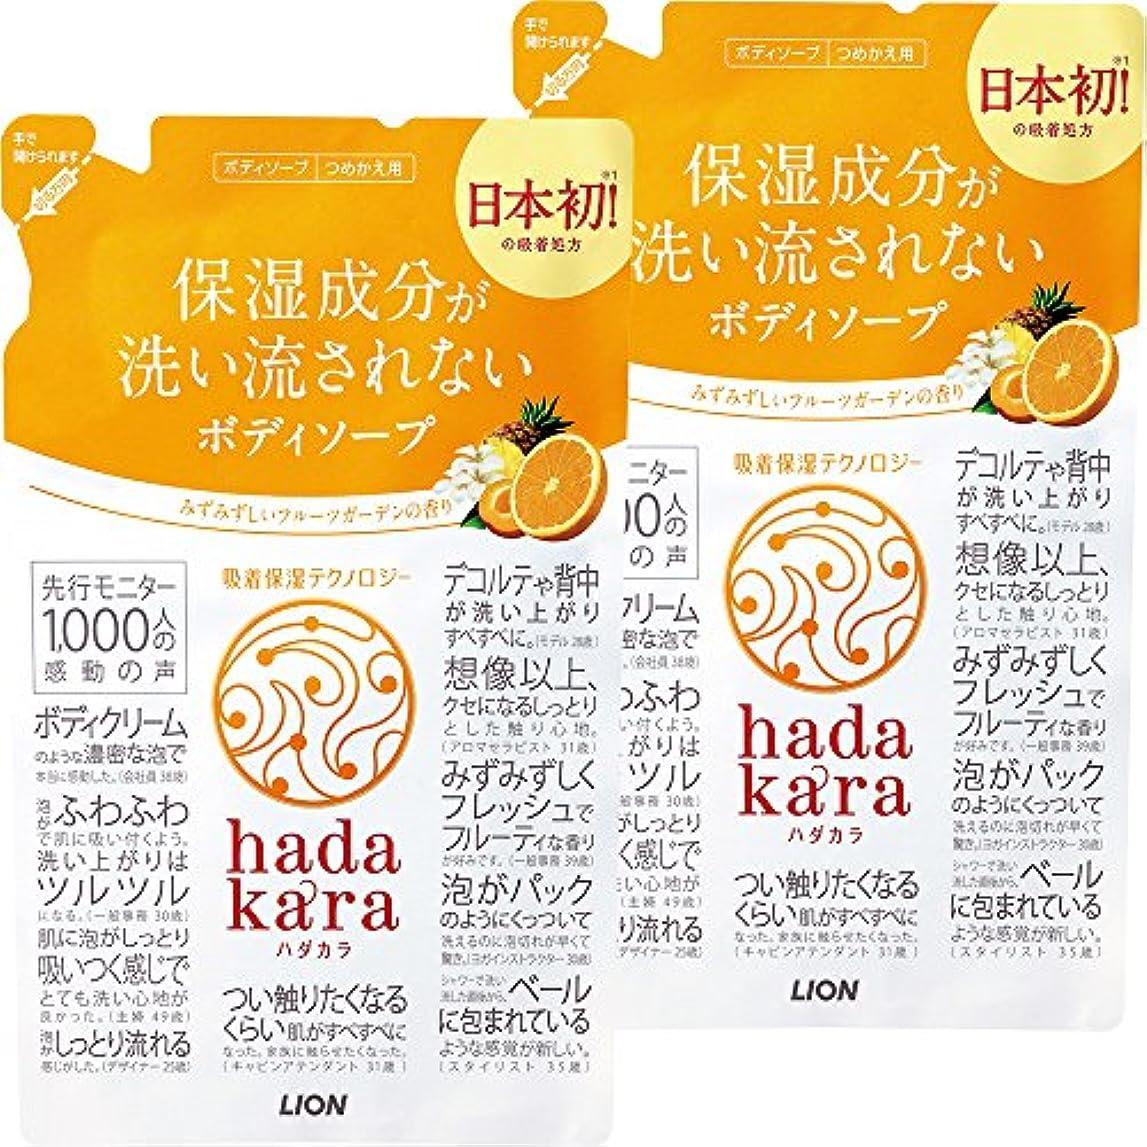 実装するうなずく手足【まとめ買い】hadakara(ハダカラ) ボディソープ フルーツガーデンの香り 詰め替え 360ml×2個パック